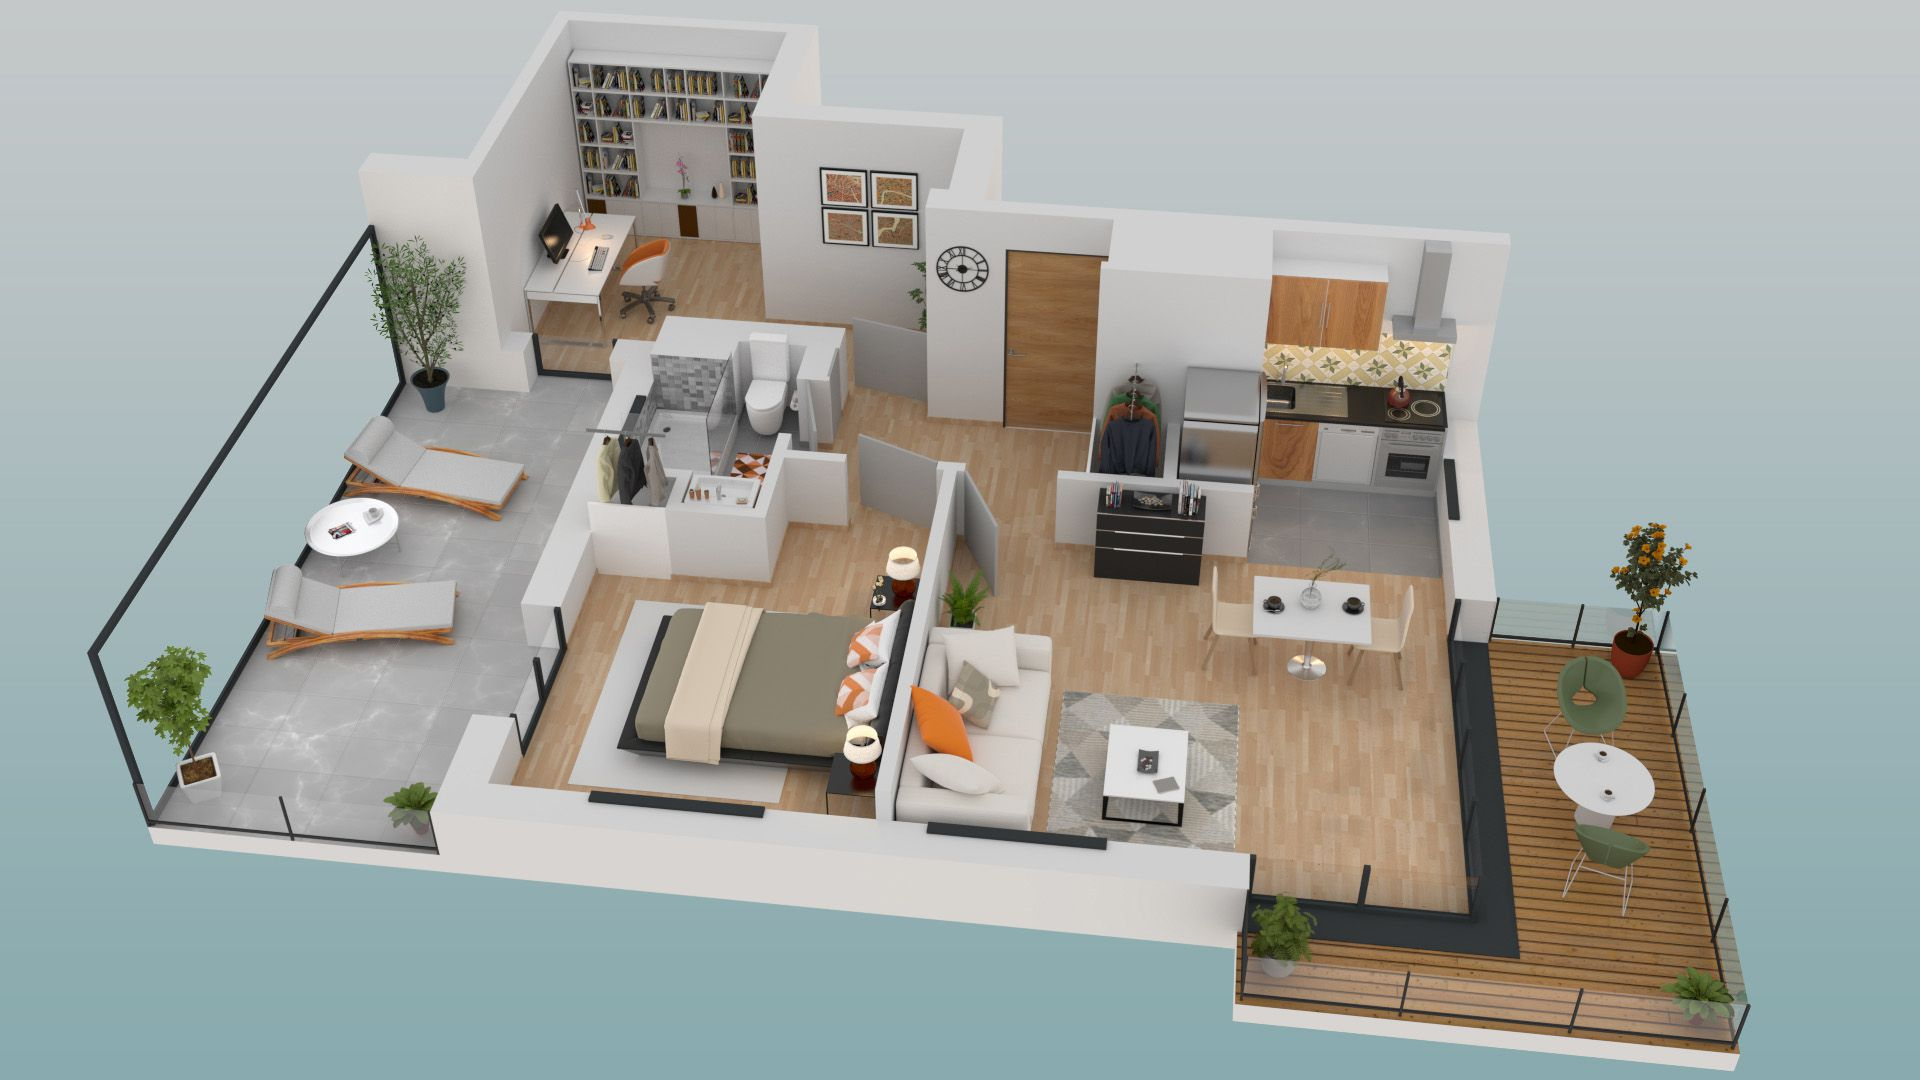 Plan 3d dun appartement 3 pièces du programme de la résidence le 3 mats